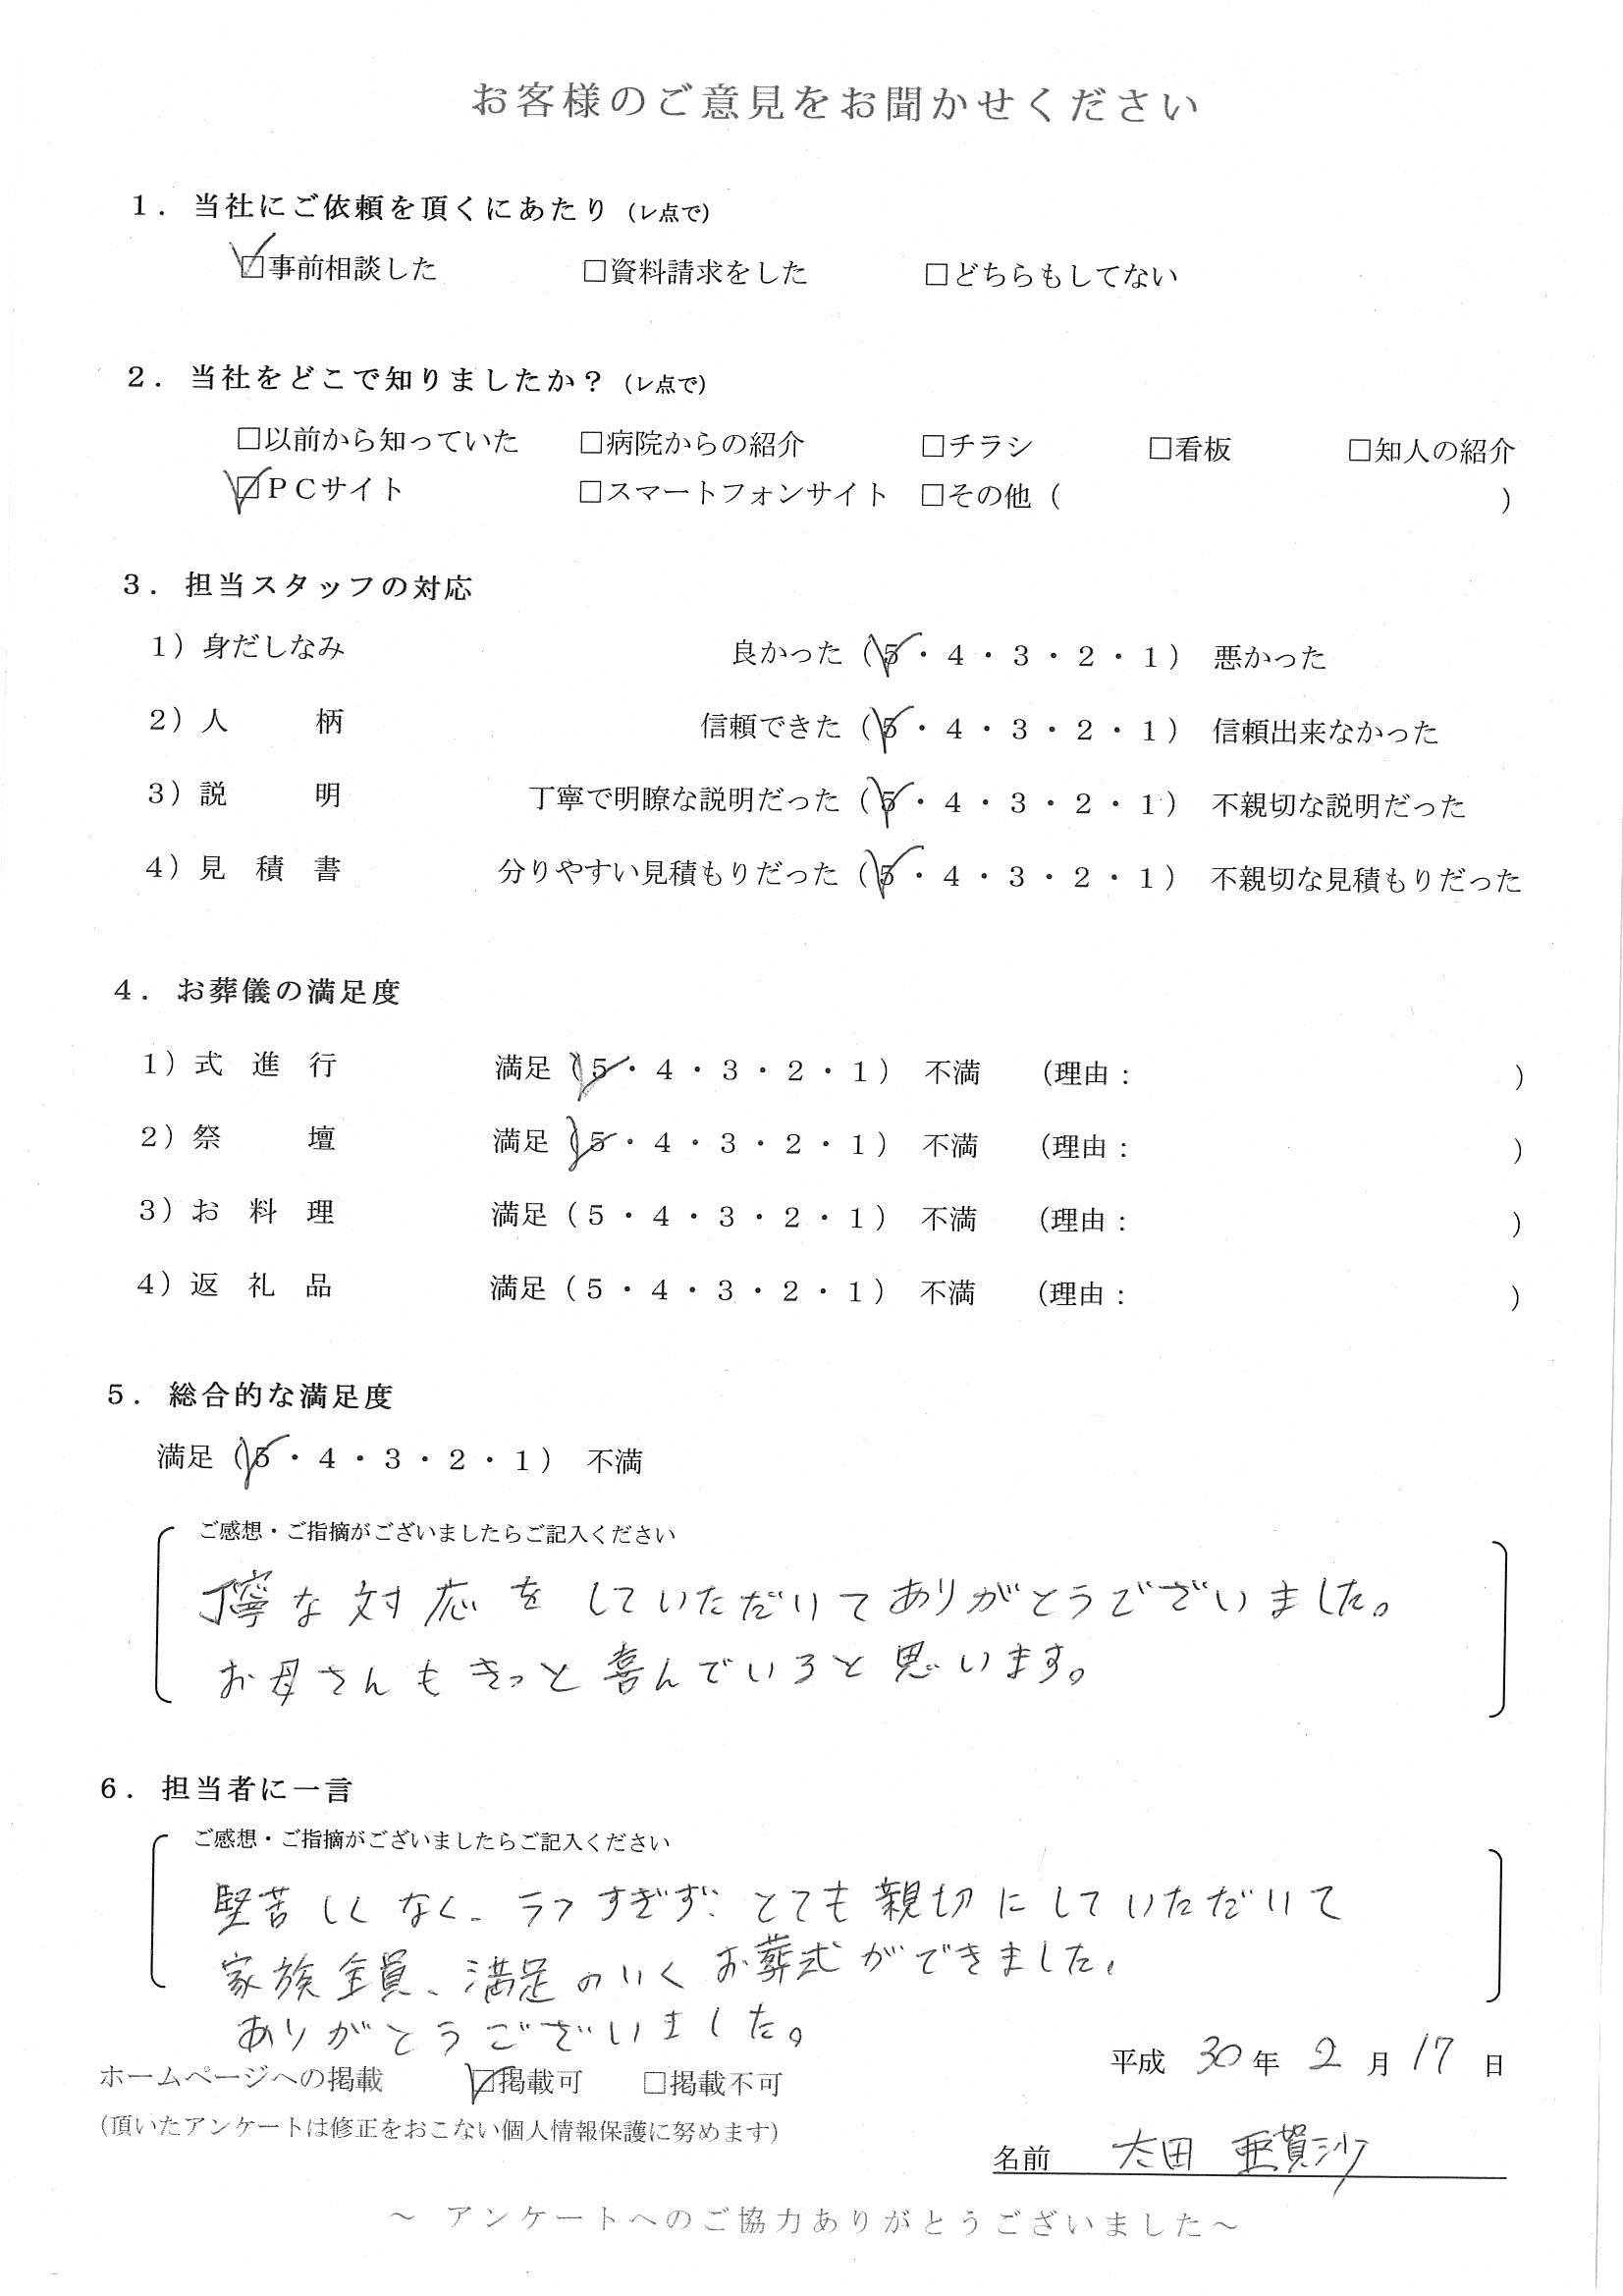 2018.02.17 相模原市中央区 立川様